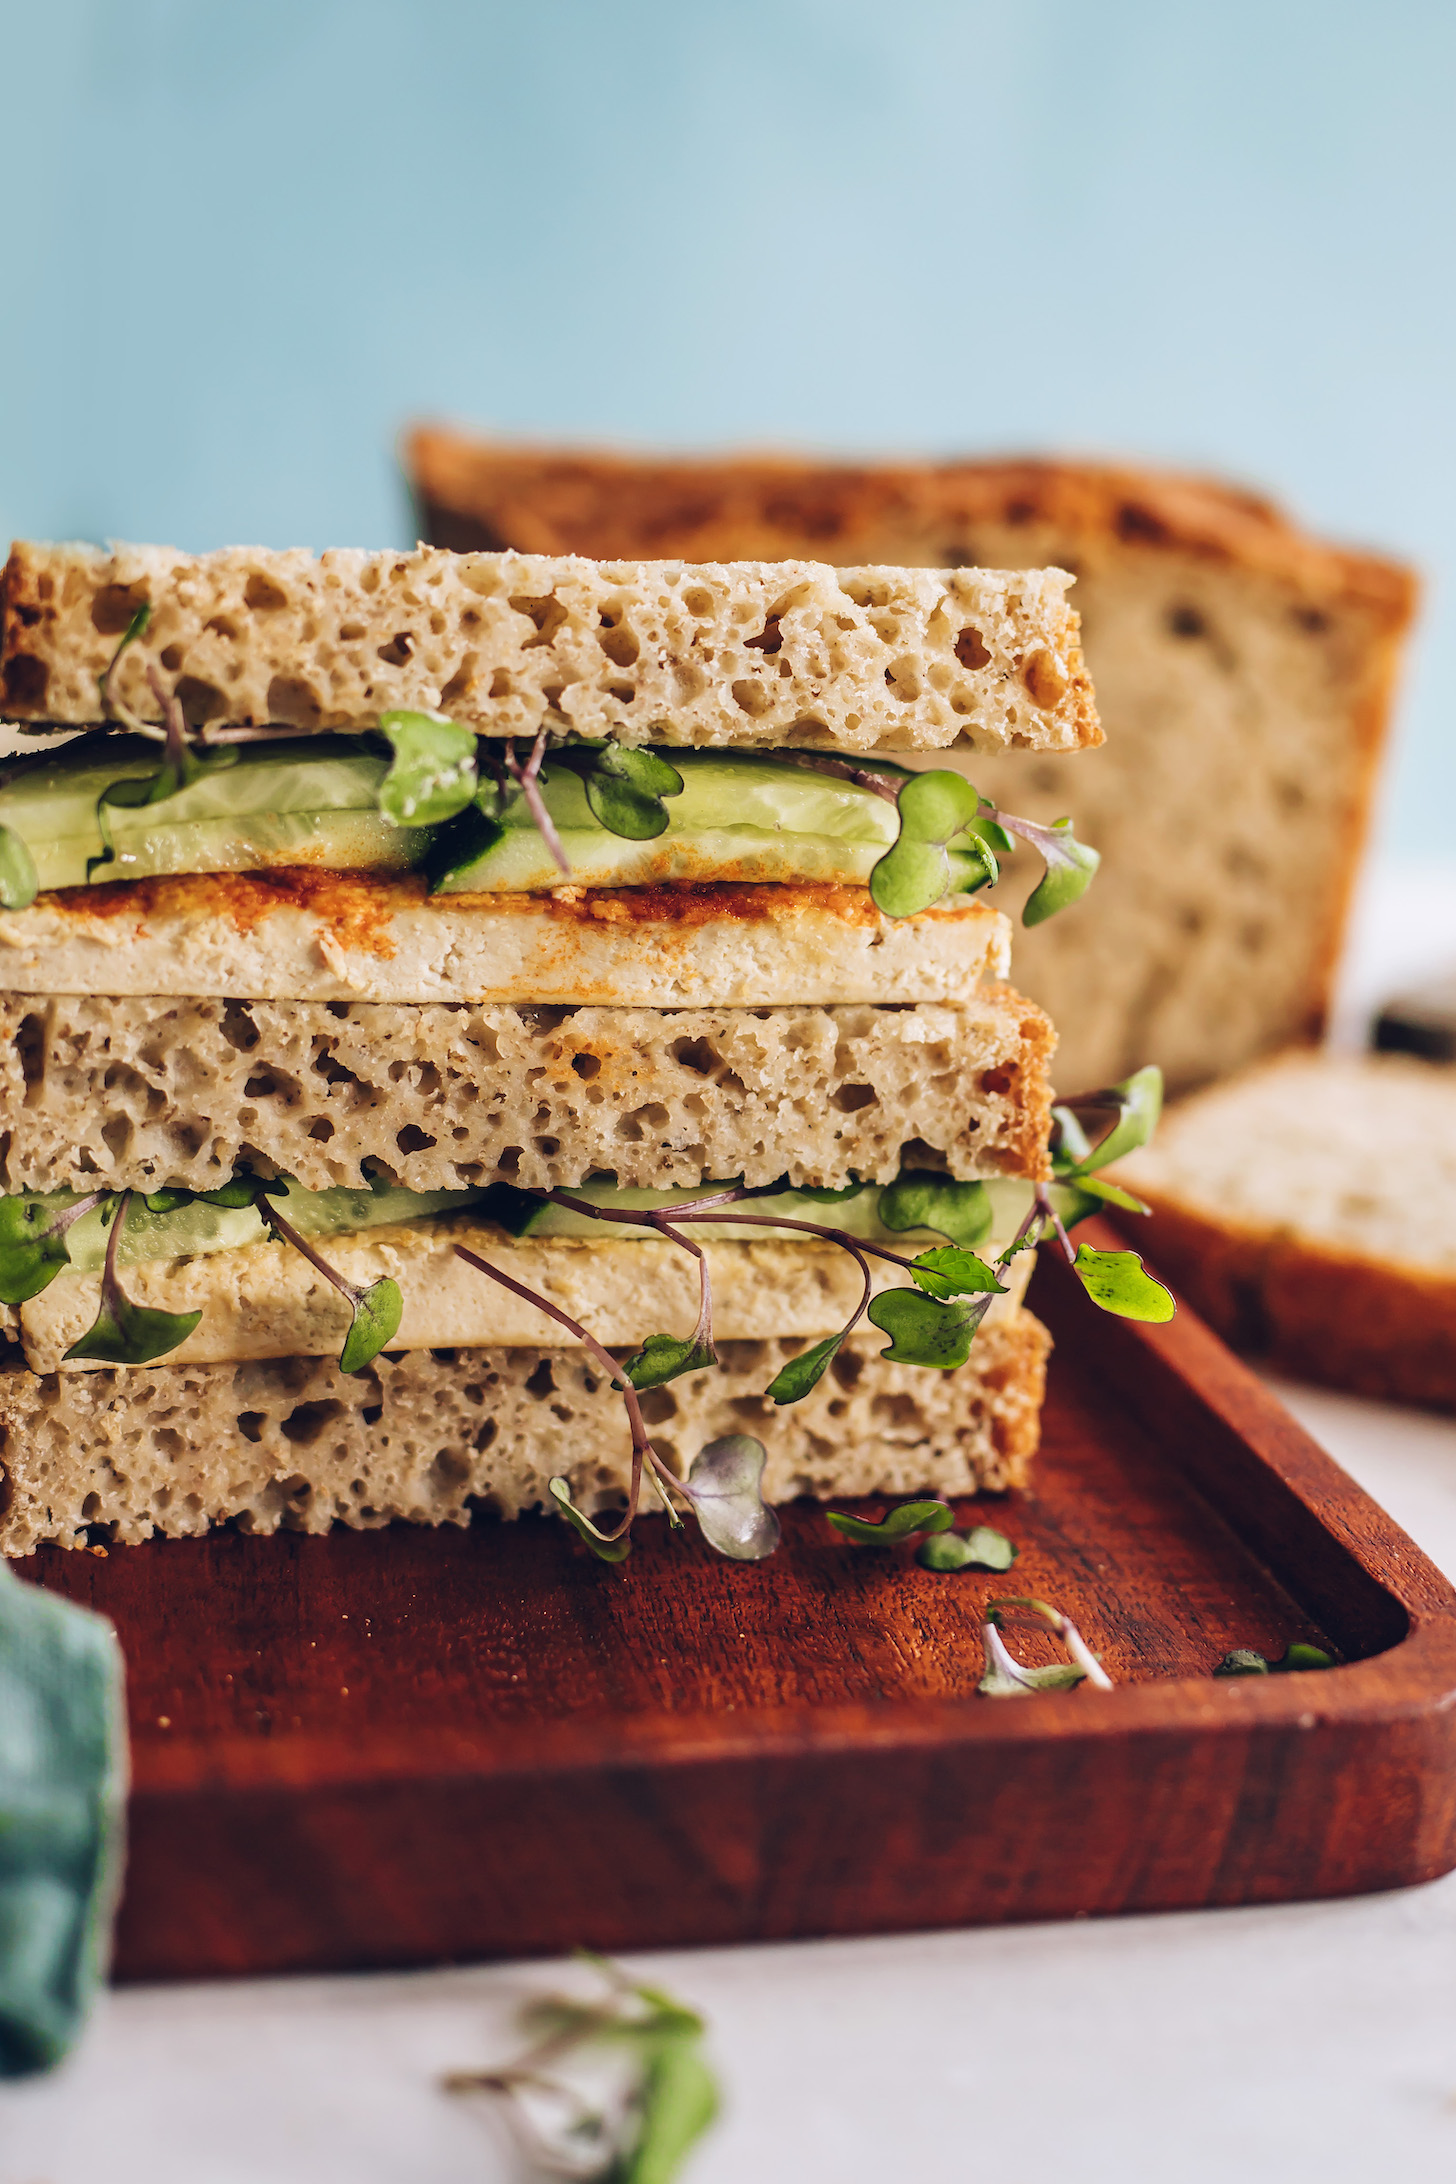 Salatalık, lahana ve tofu ile sandviç